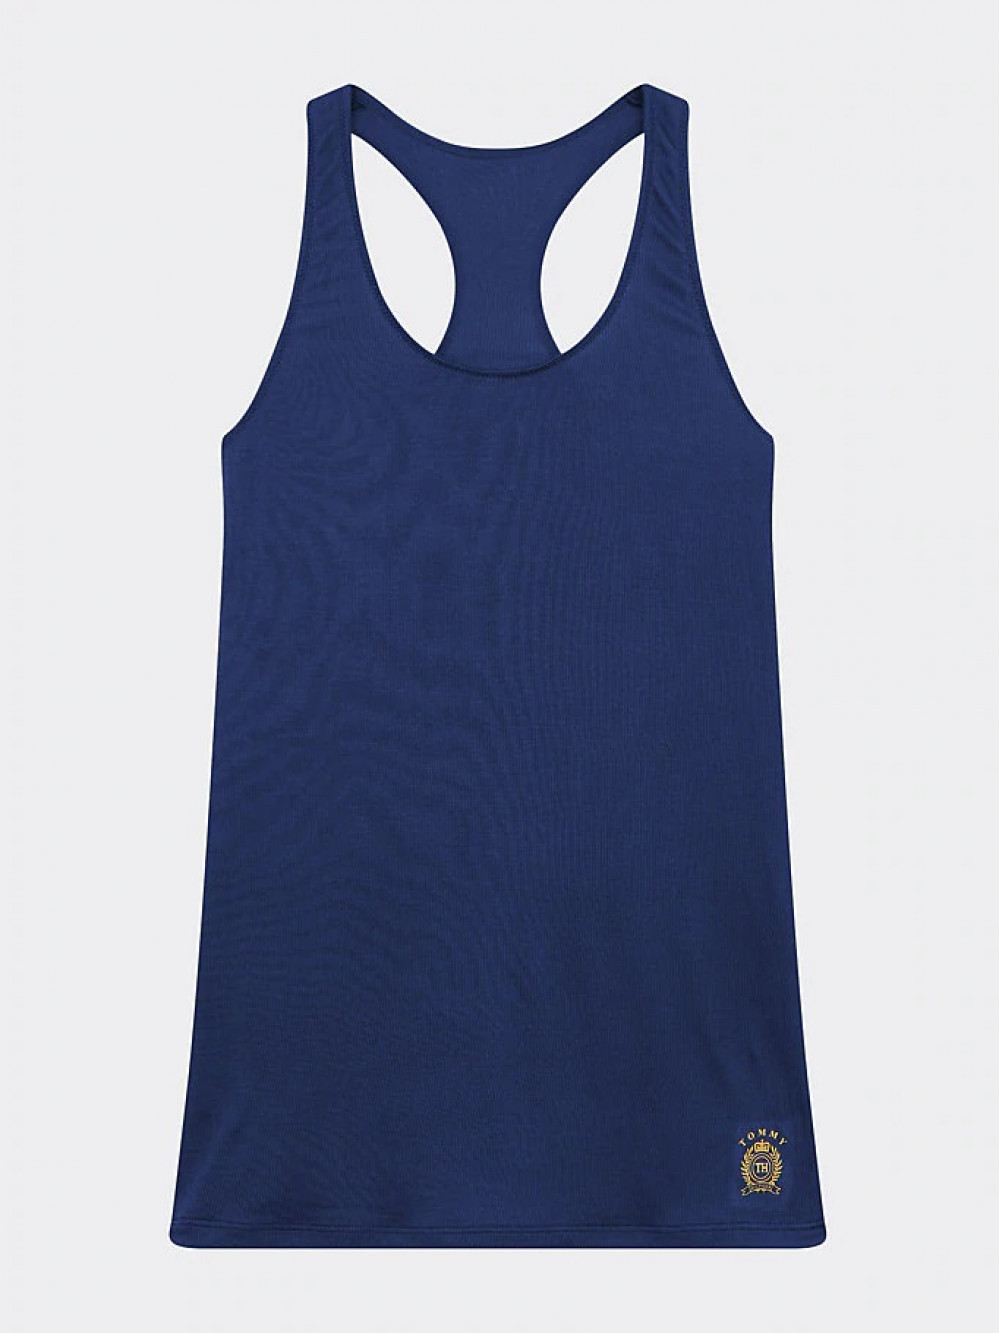 Dámské tílko Tommy Hilfiger Cool Logo Racerback Vest navy modré